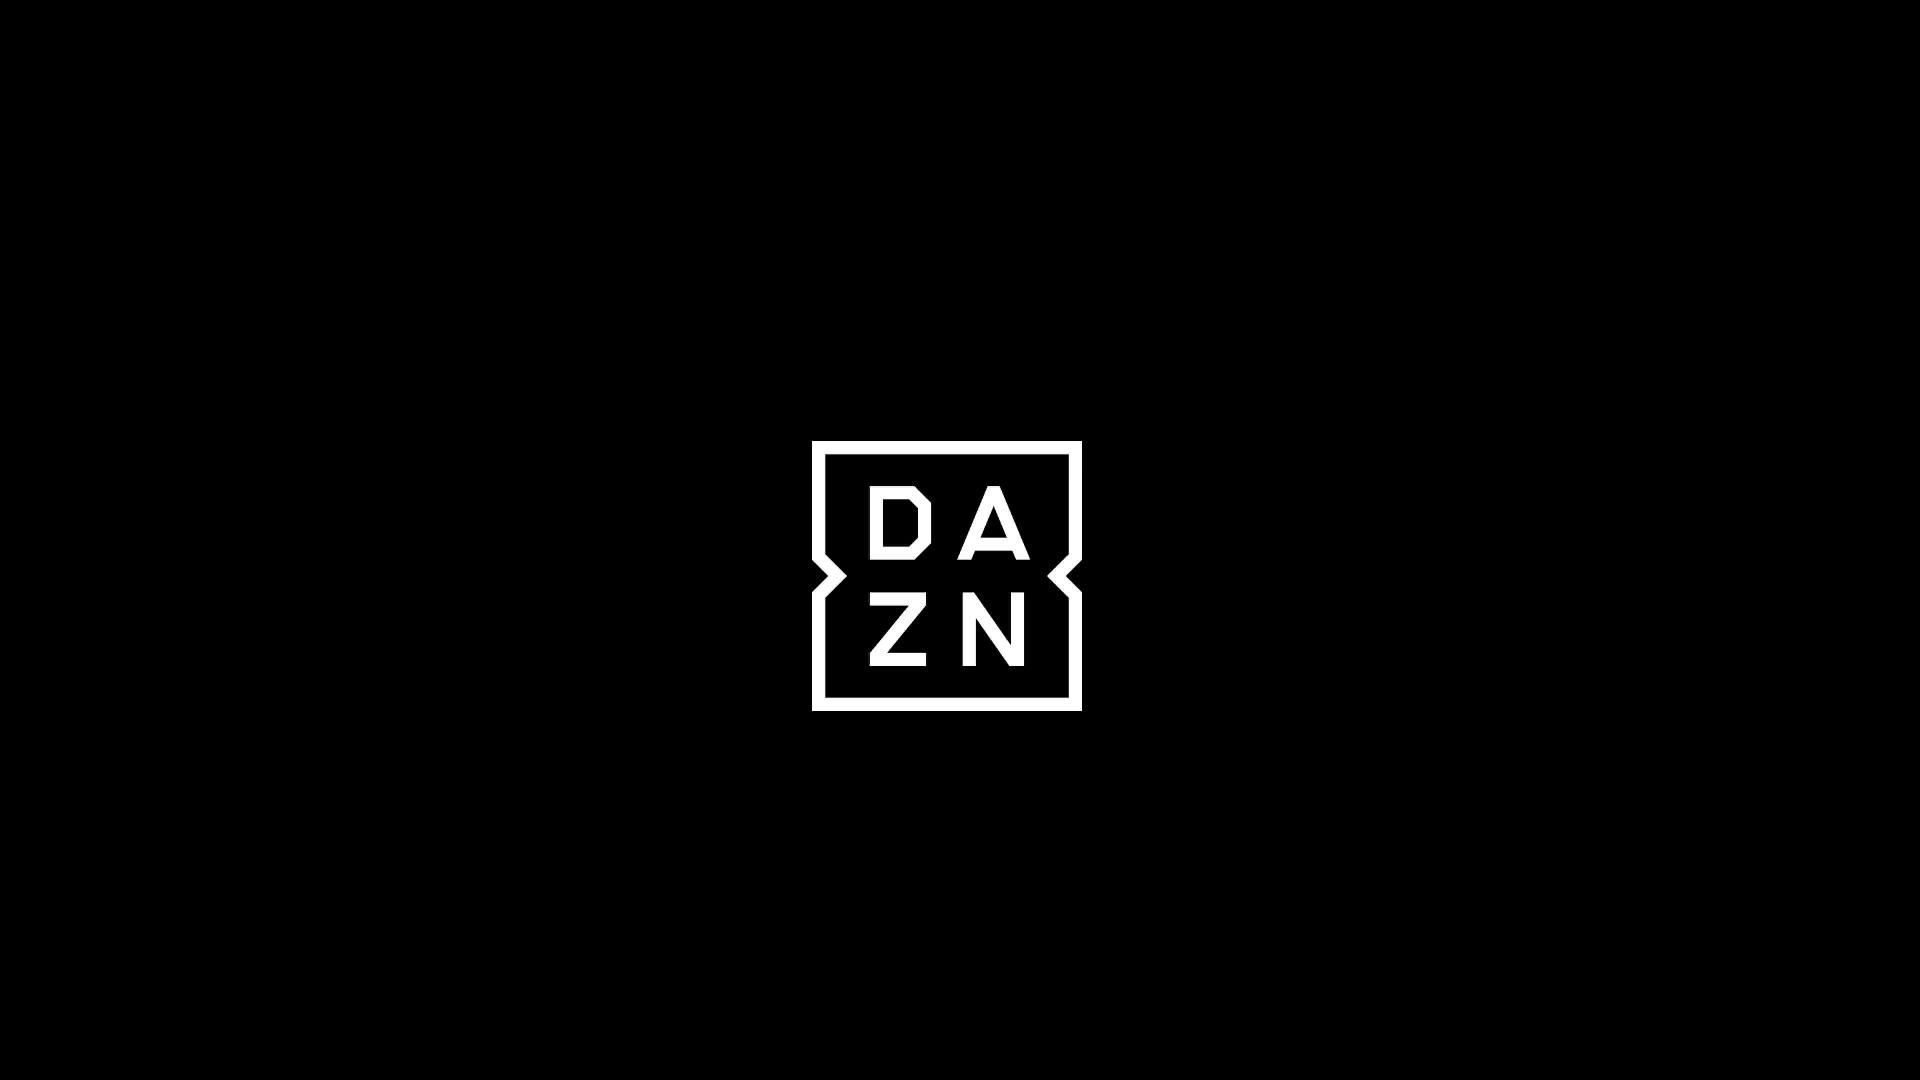 【DAZN】2017年8月8日『PS4』『PS3』に対応開始ですって(涙)。設定方法も超カンタンでした。